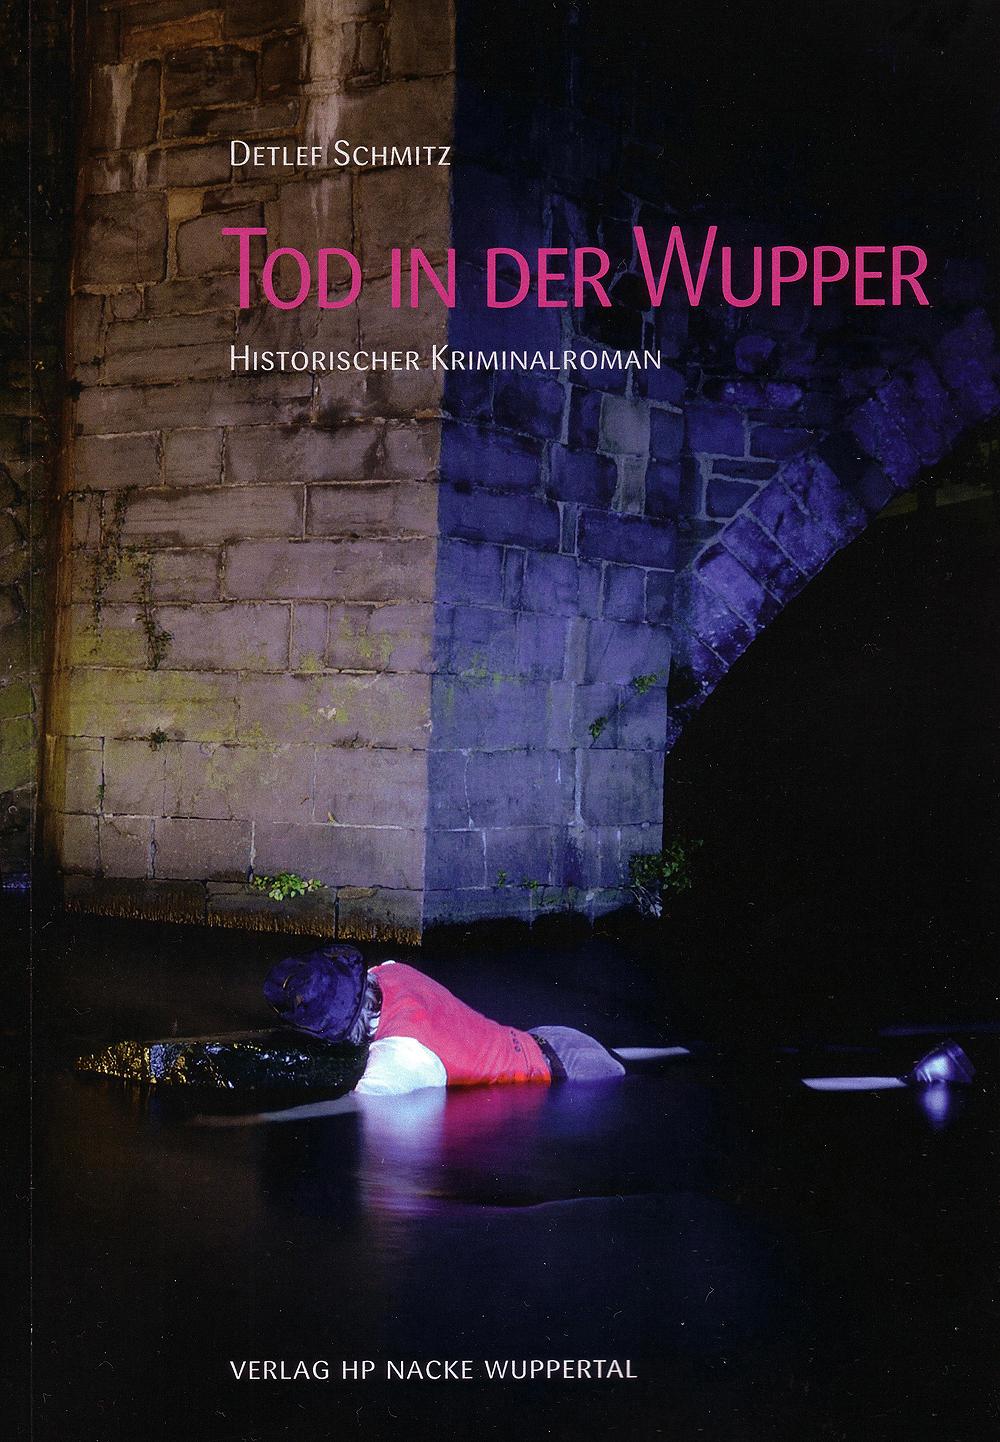 """Szenische Lesung aus dem Buch """"Tod in der Wupper"""" von Detlef Schmitz"""